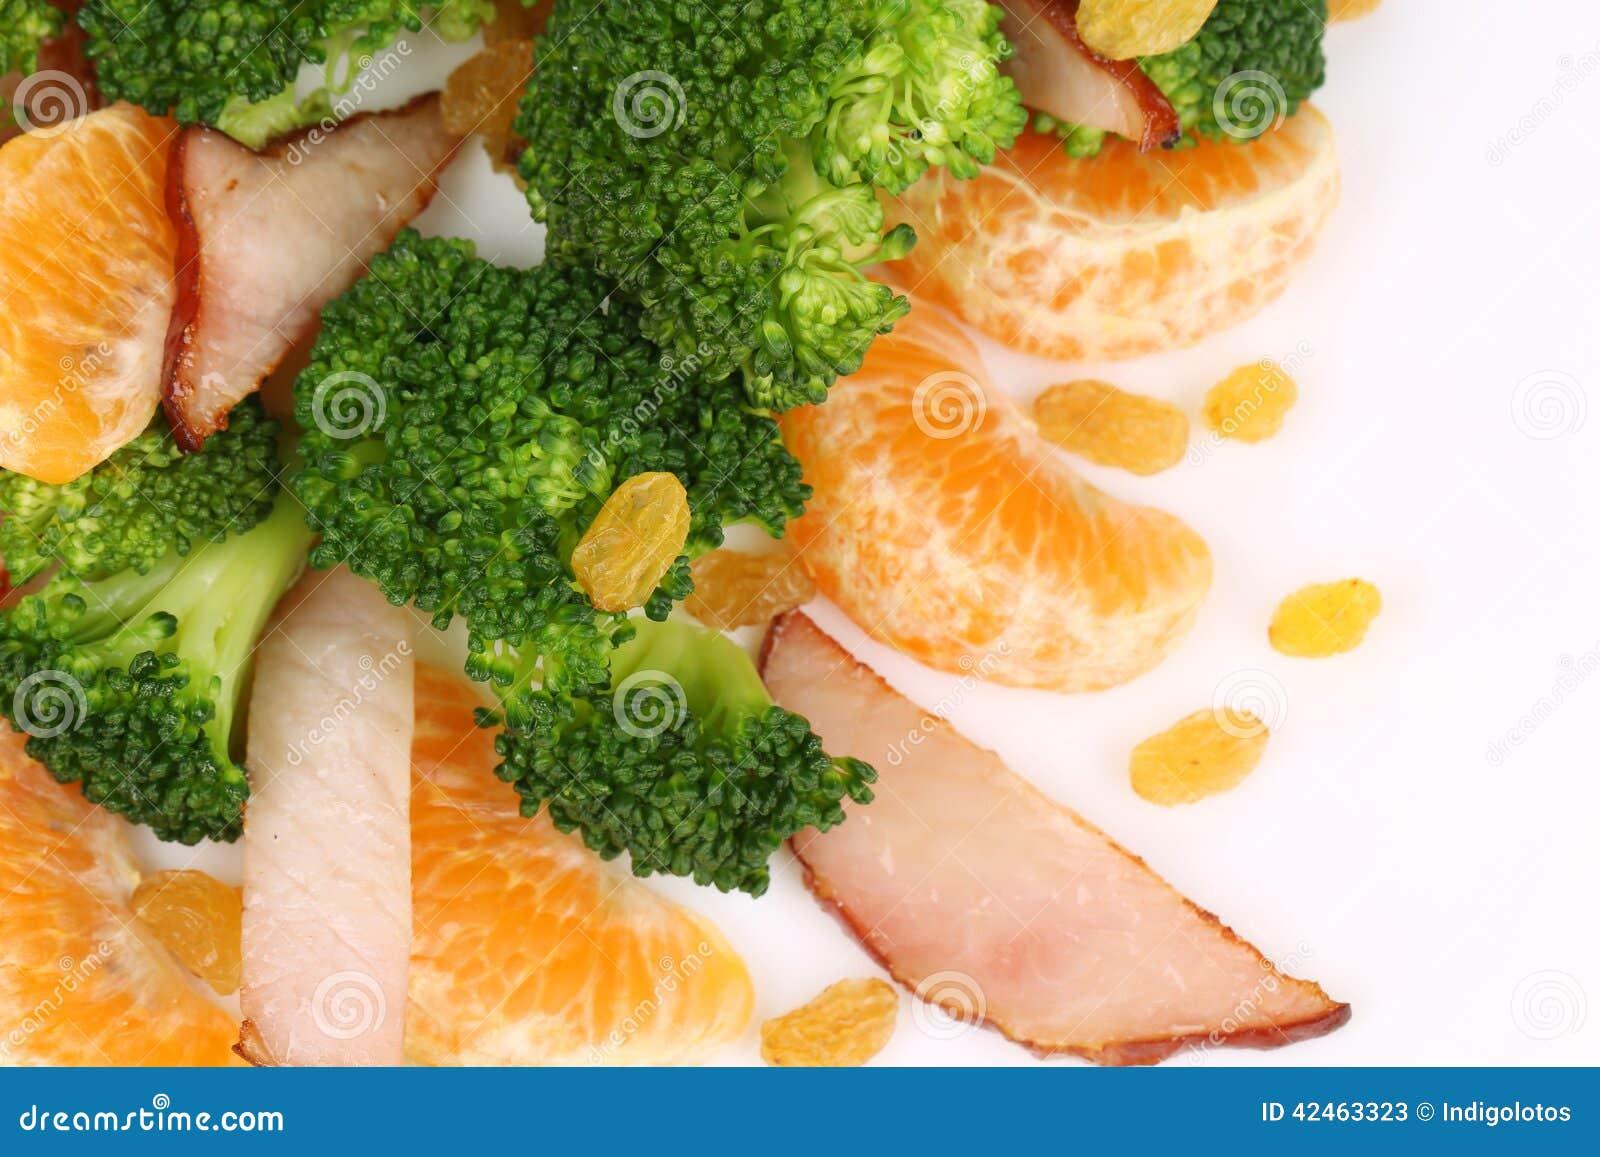 Brokkolisalat mit geräuchertem Schinken und Orange